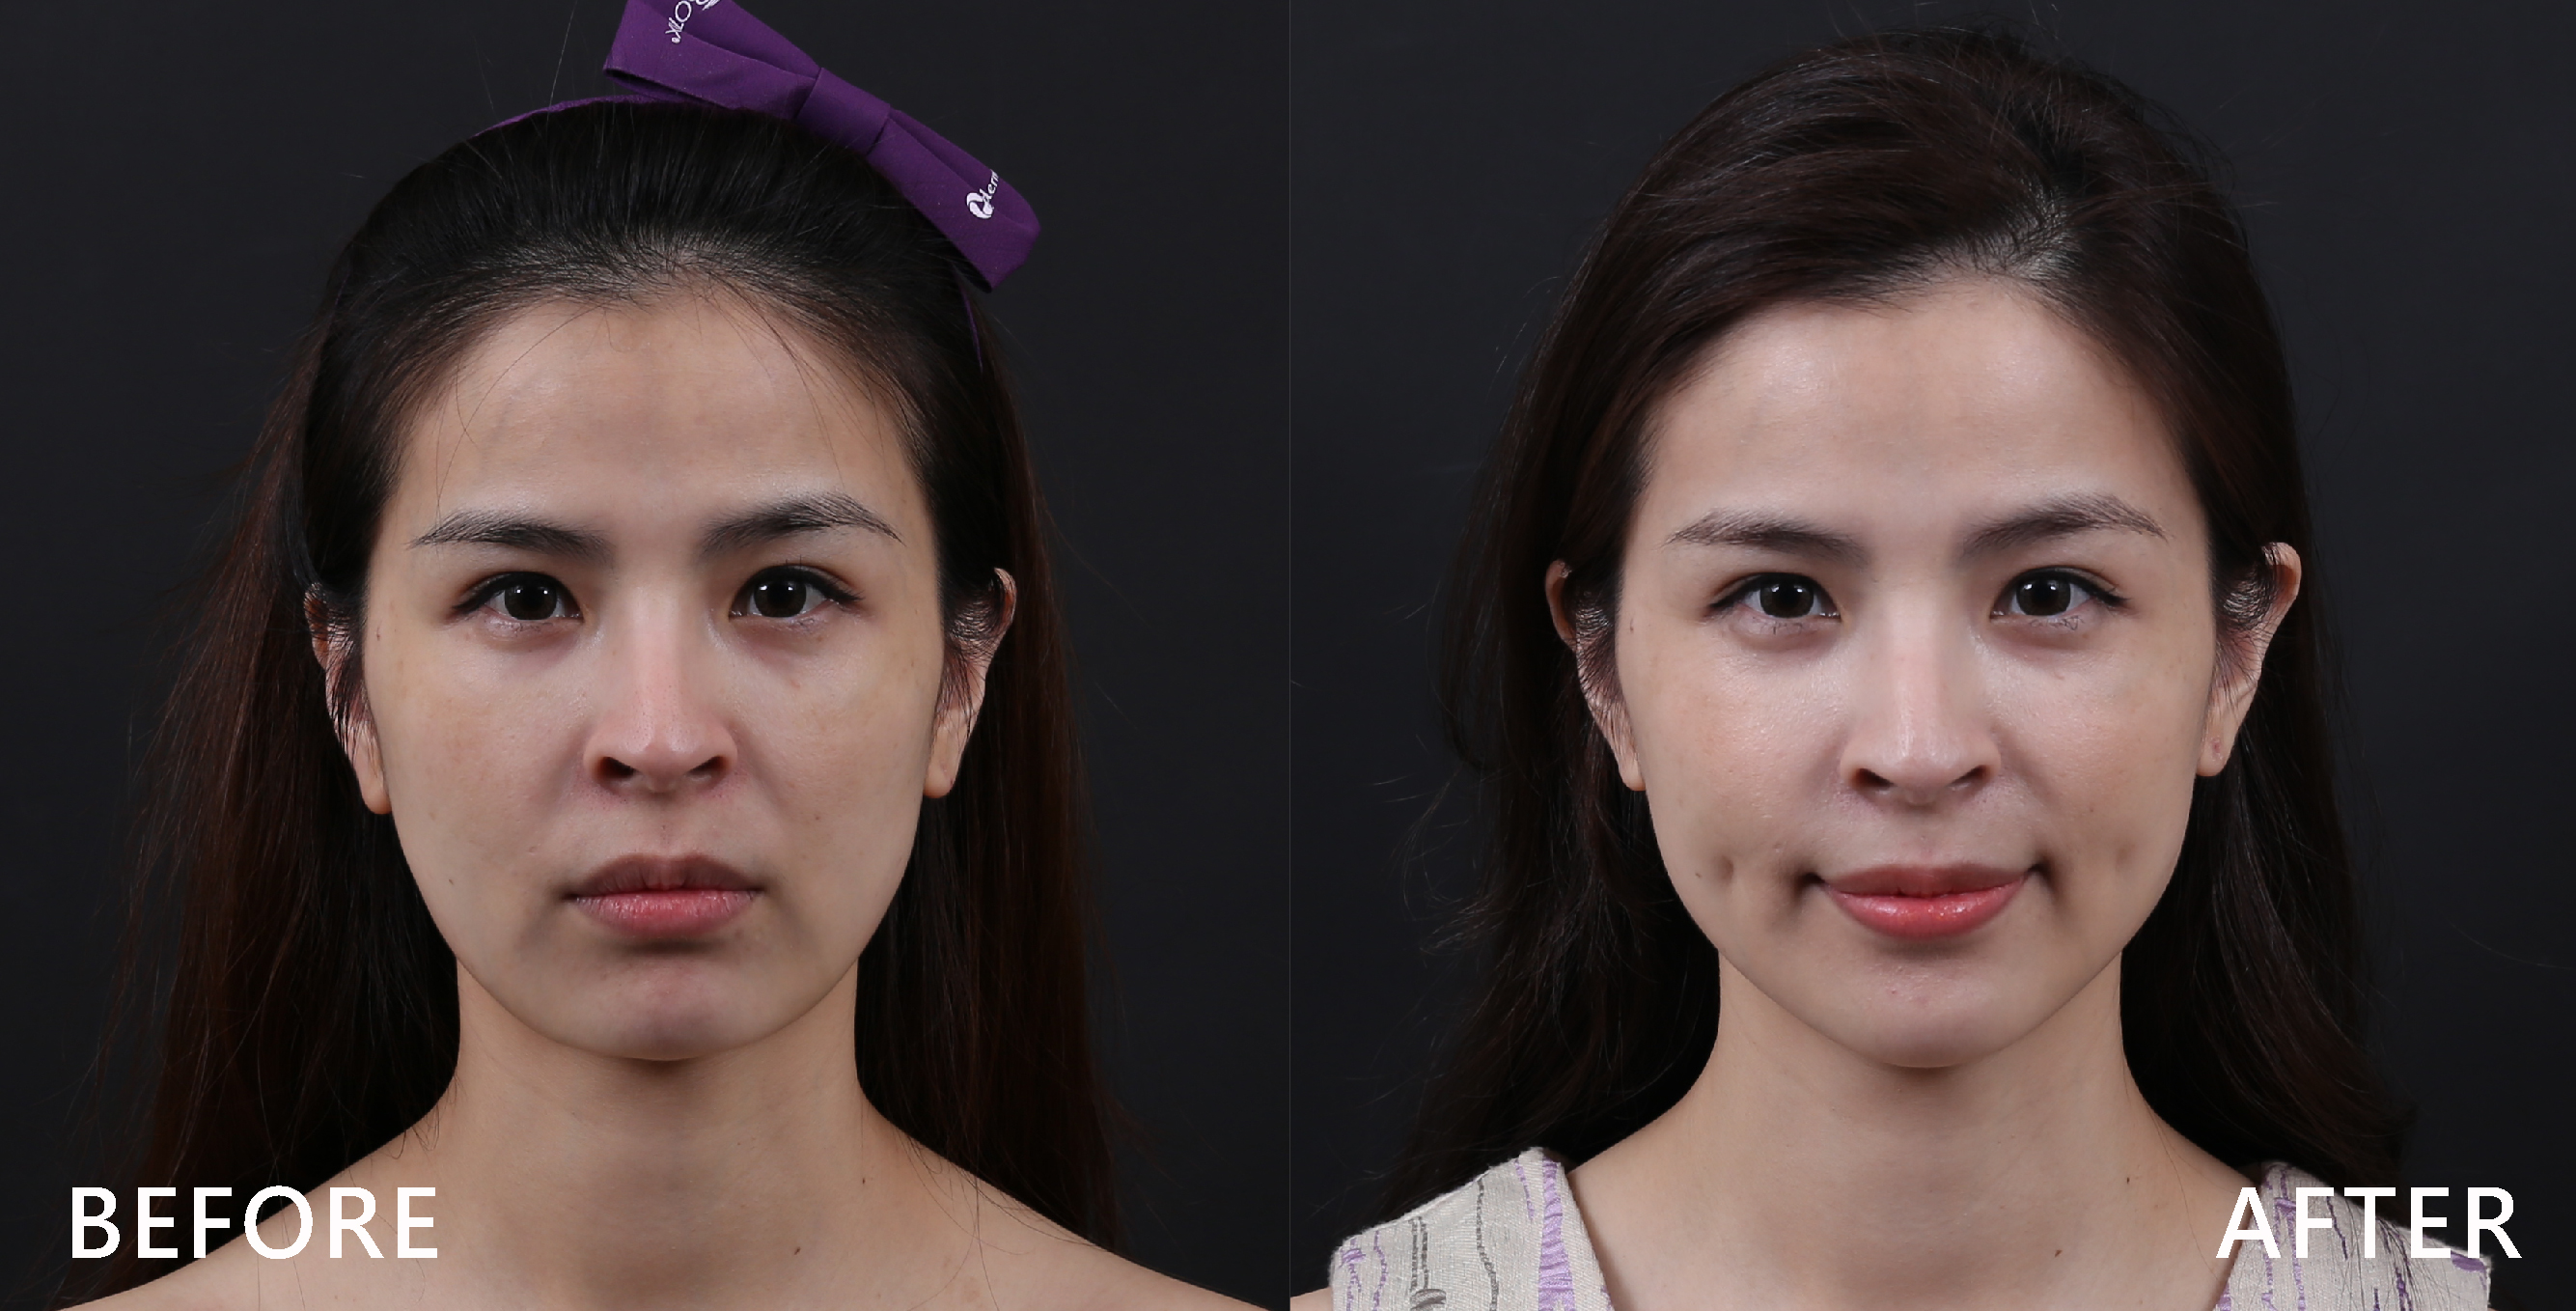 個案臉部原本有淚溝、法令紋、木偶紋的問題,臉頰稍微凹陷,下巴也有鬆弛的跡象,也較不明顯,在iSkin美國極線音波拉皮Ulthera療程後,肌膚明顯感覺較為澎潤,拉提過後下巴弧度較為明顯,臉上細紋也淡化了。 (實際效果依個案而異)